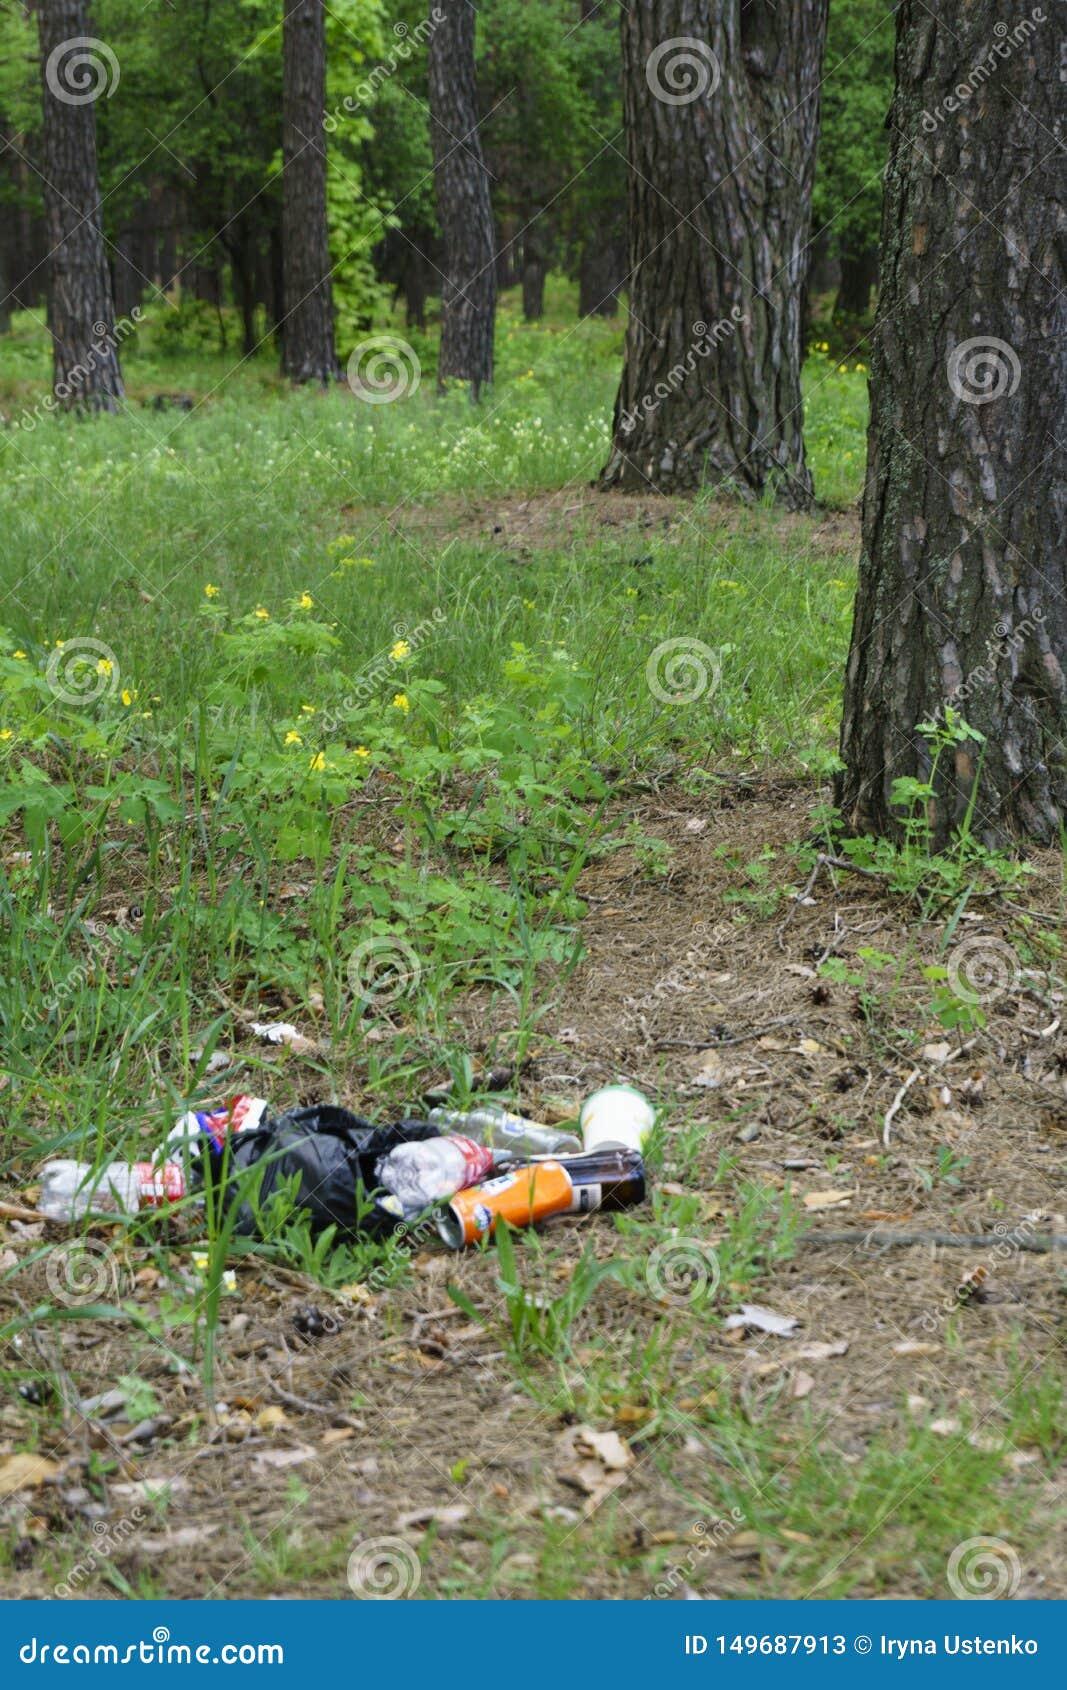 Huisvuil in bosmensen illegaal geworpen huisvuil in bosconcept de mens en aard Onwettige huisvuilstortplaats in aard vuil